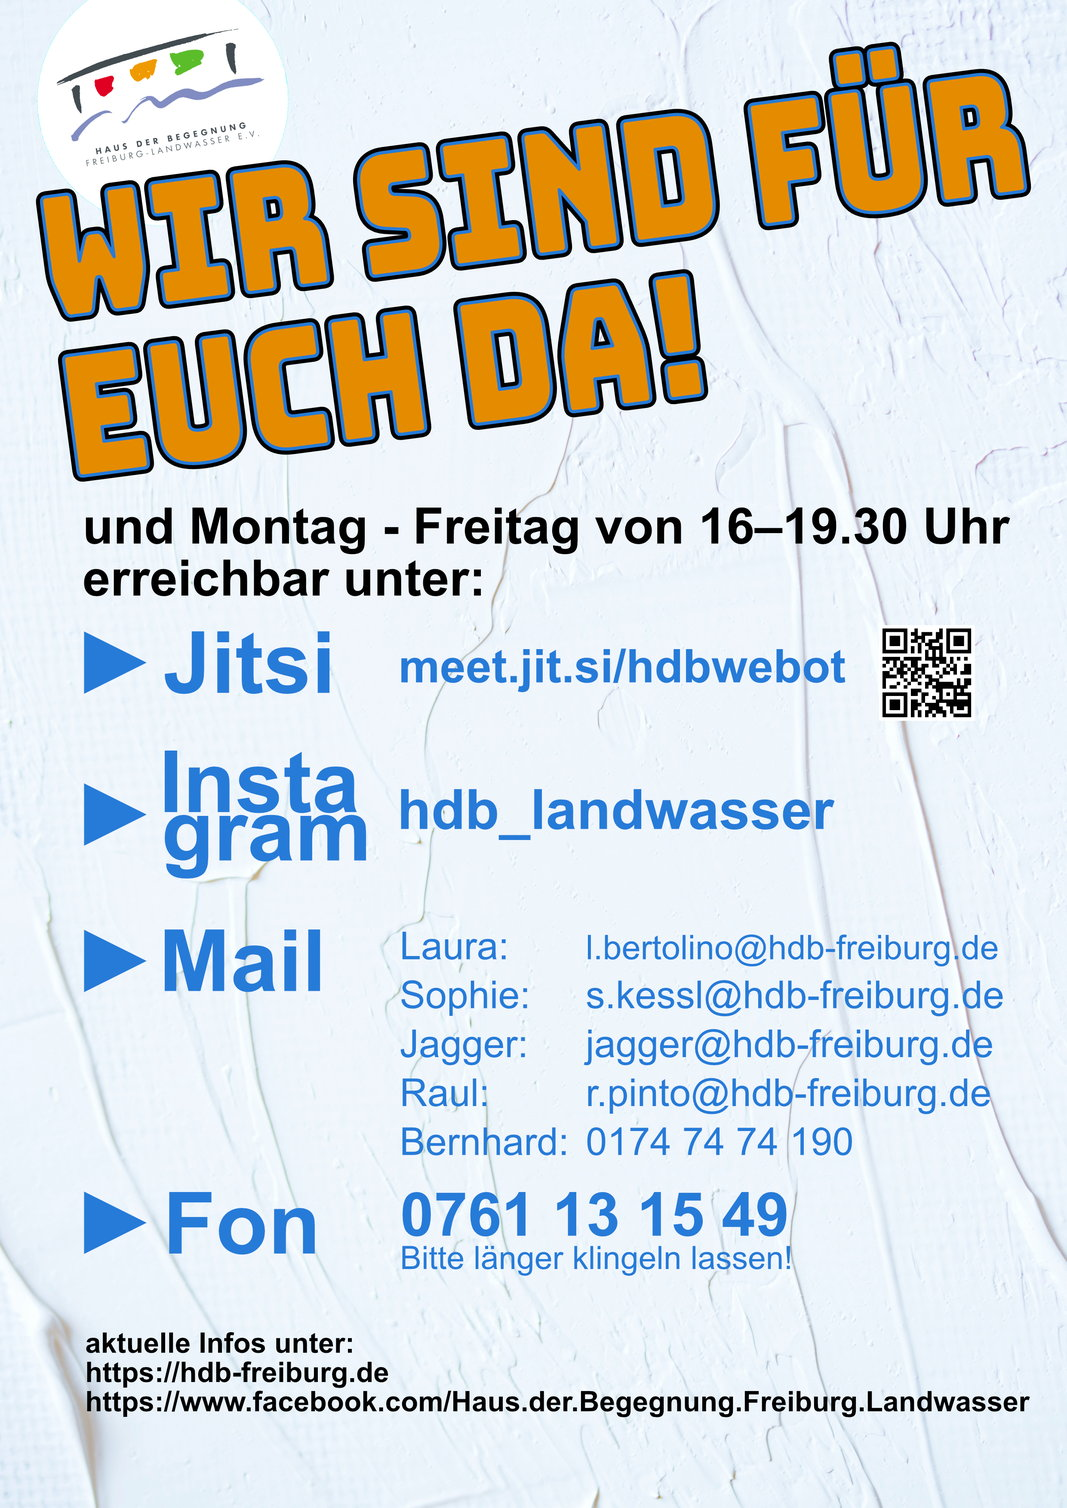 https://hdb-freiburg.de/wp-content/uploads/2021/02/Wir-sind-fuer-euch-da.jpg